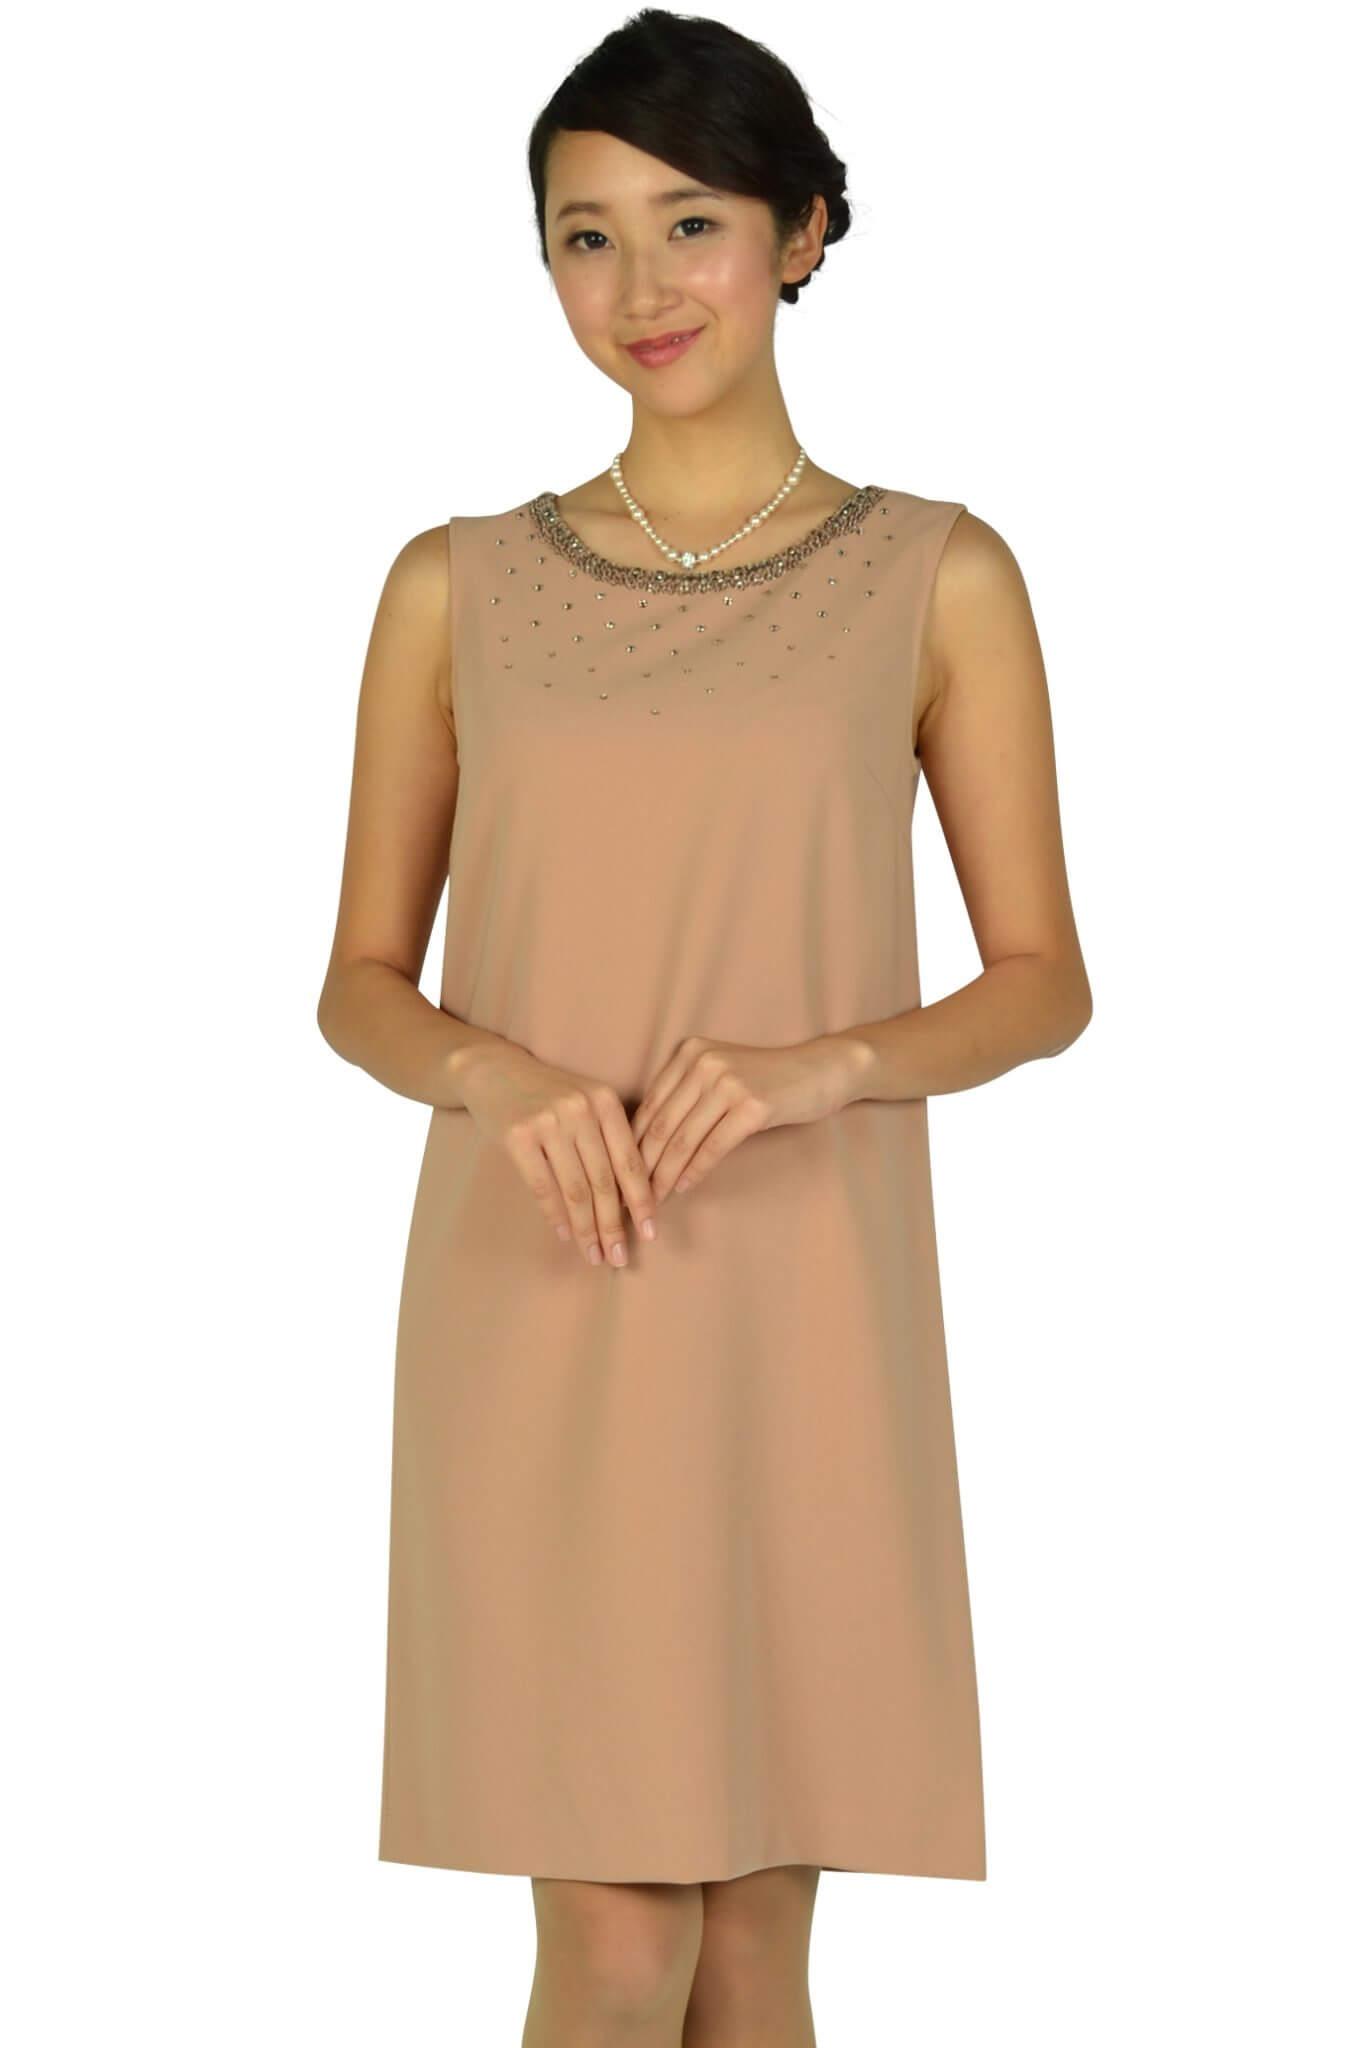 アナイ (ANAYI)上質ピンクベージュドレス